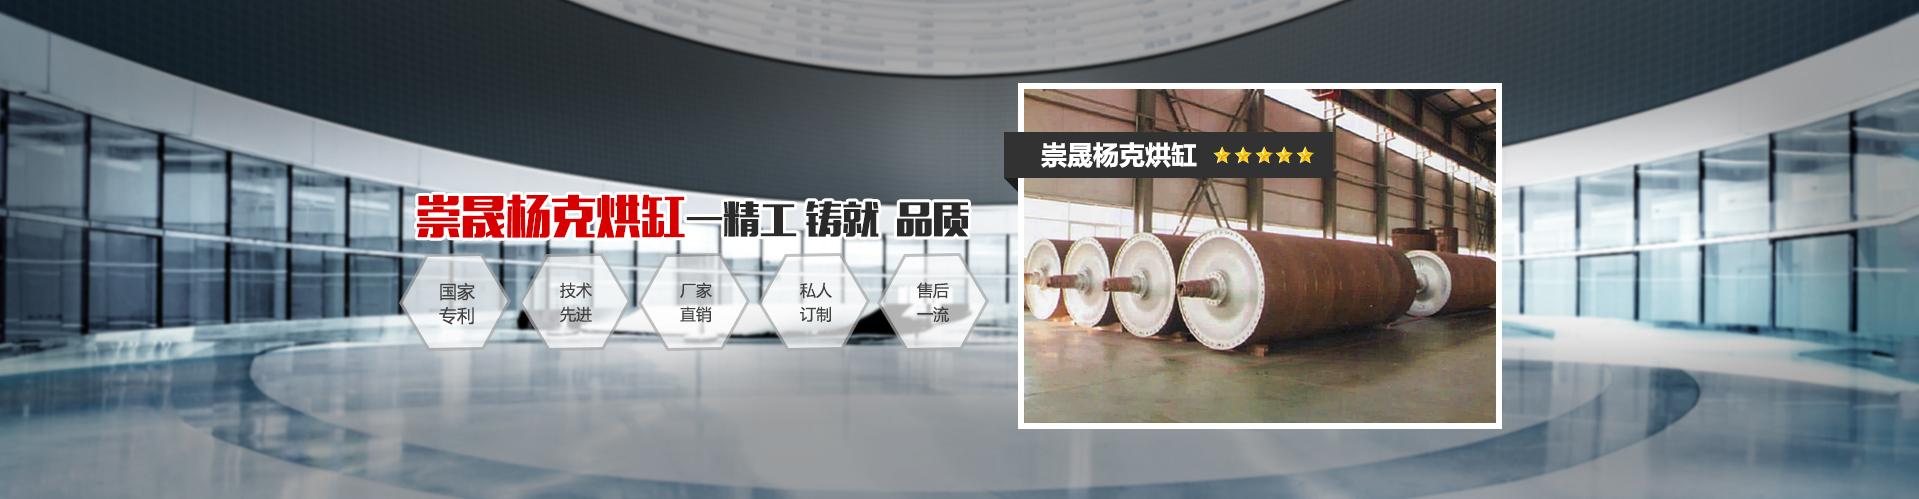 河南万博体育ManBetX网页版造纸装备有限公司